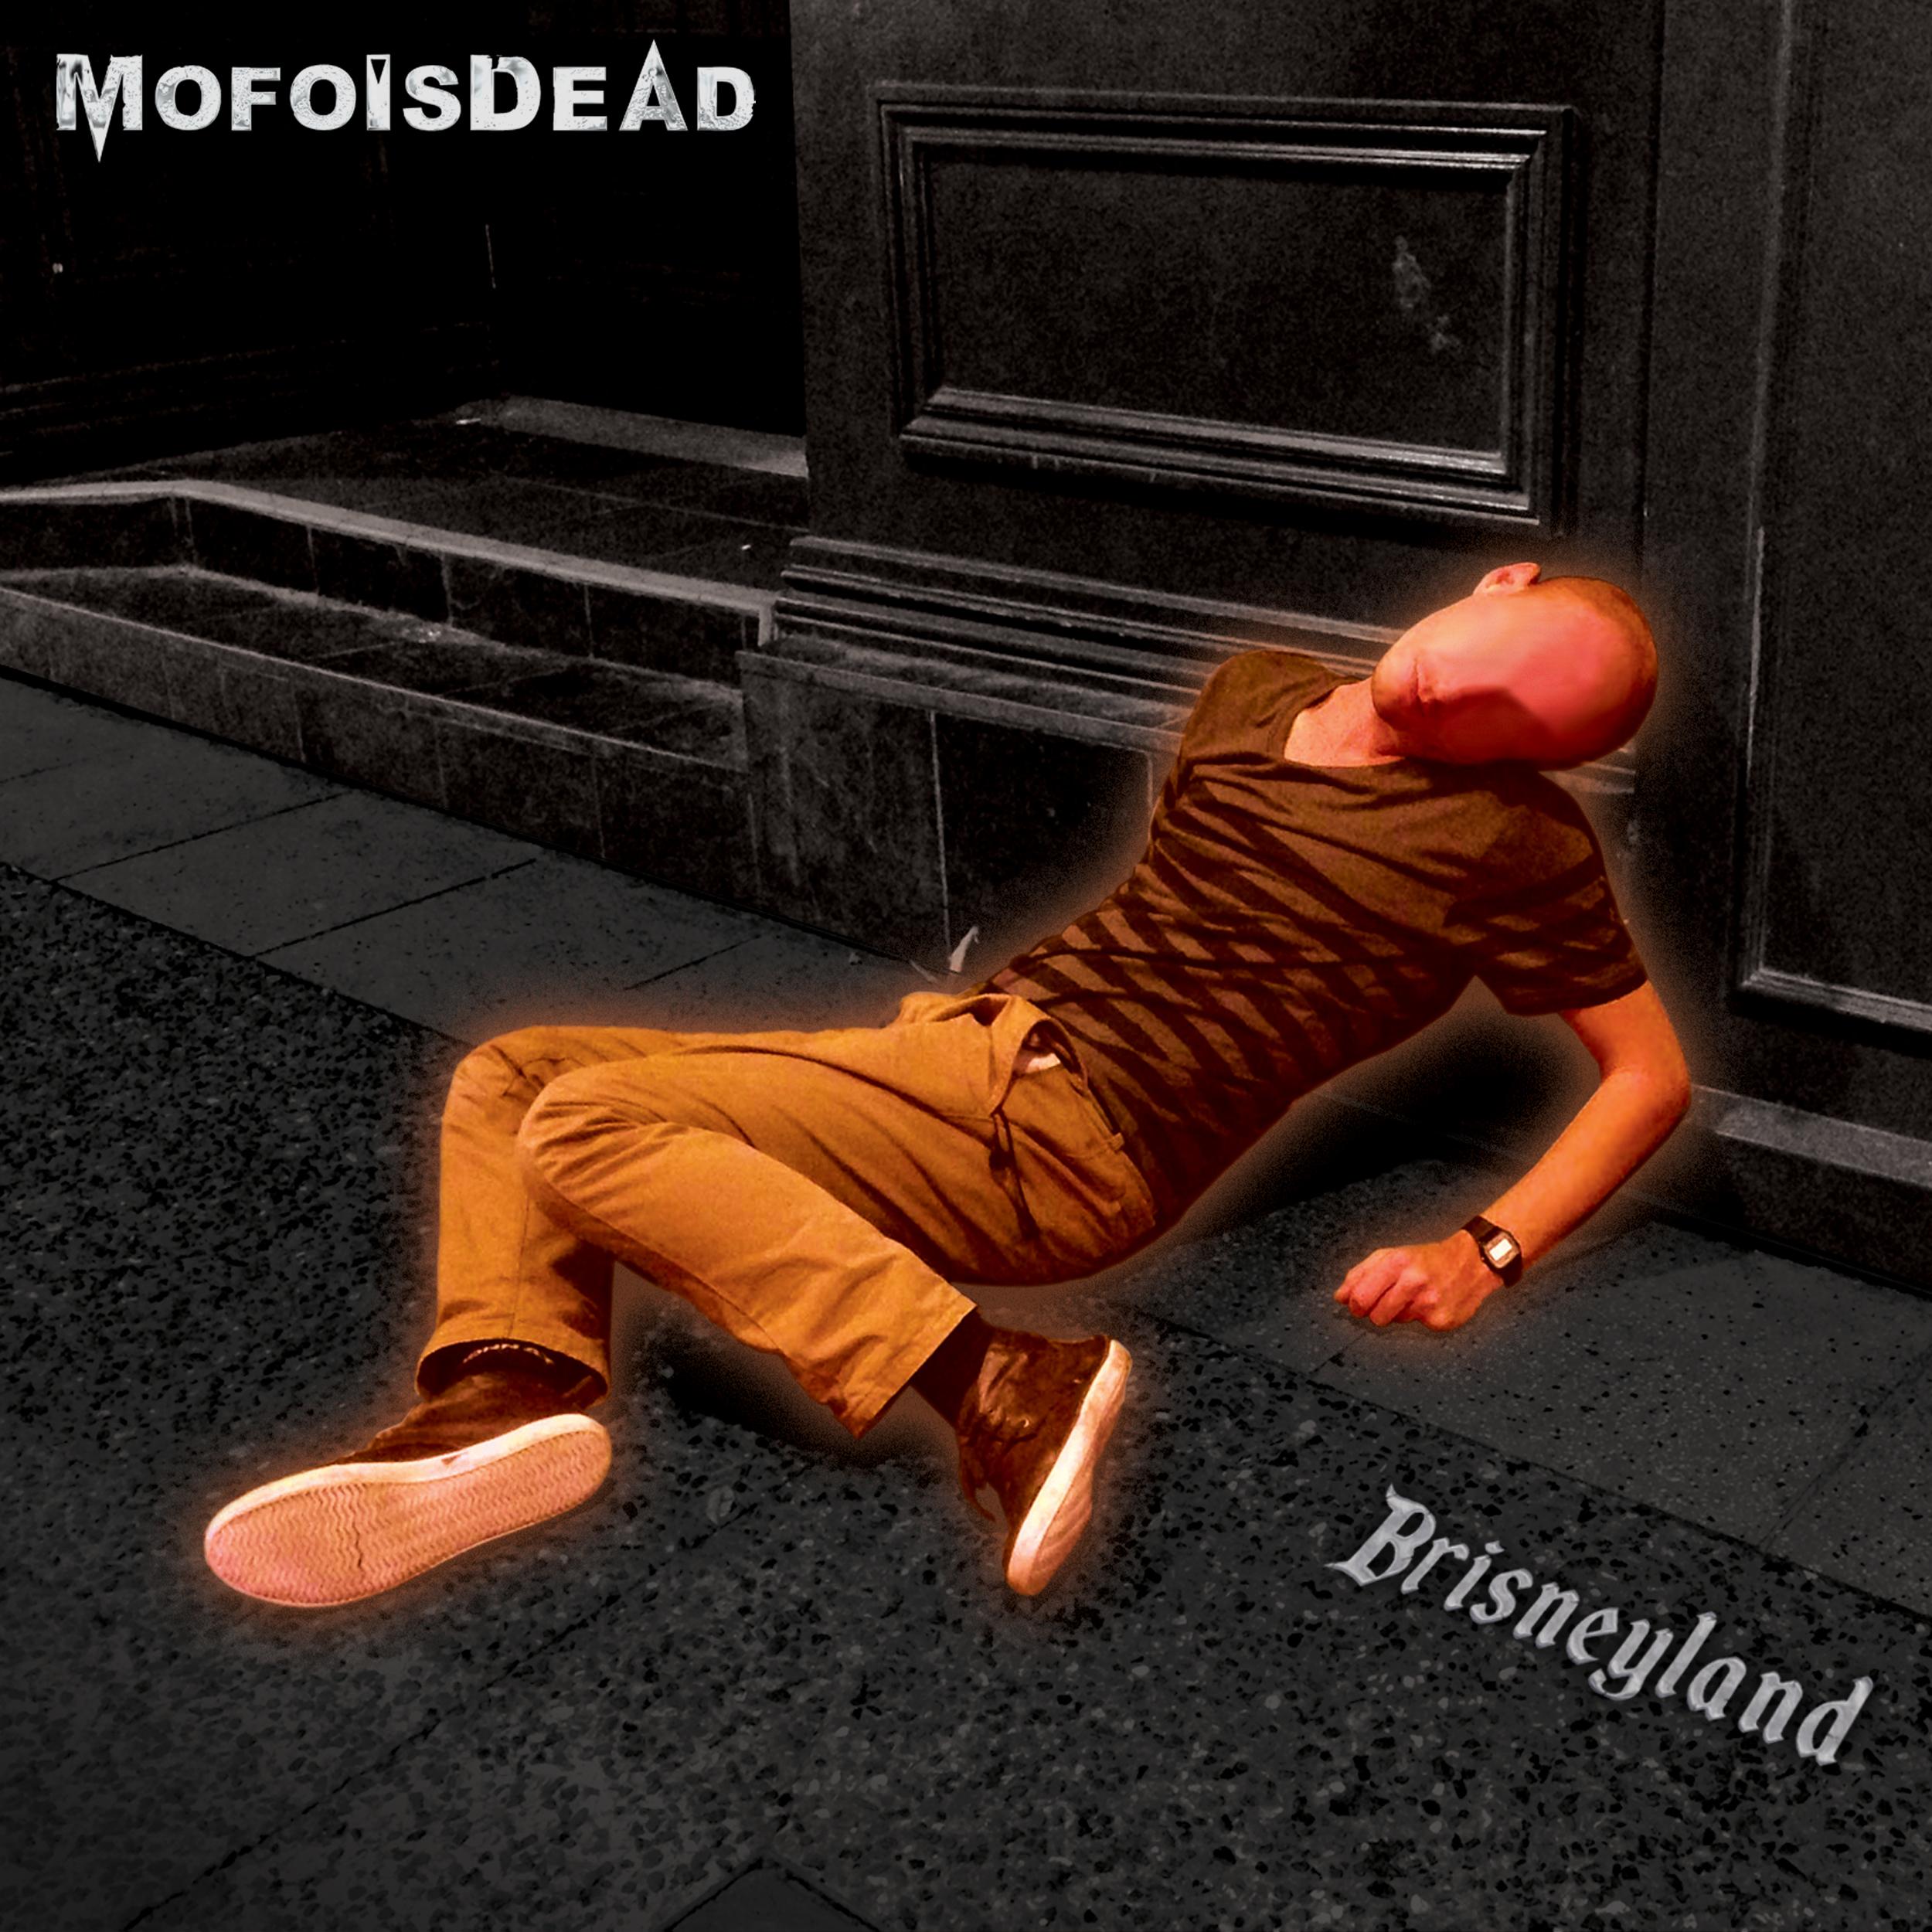 MofoisDead - Brisneyland